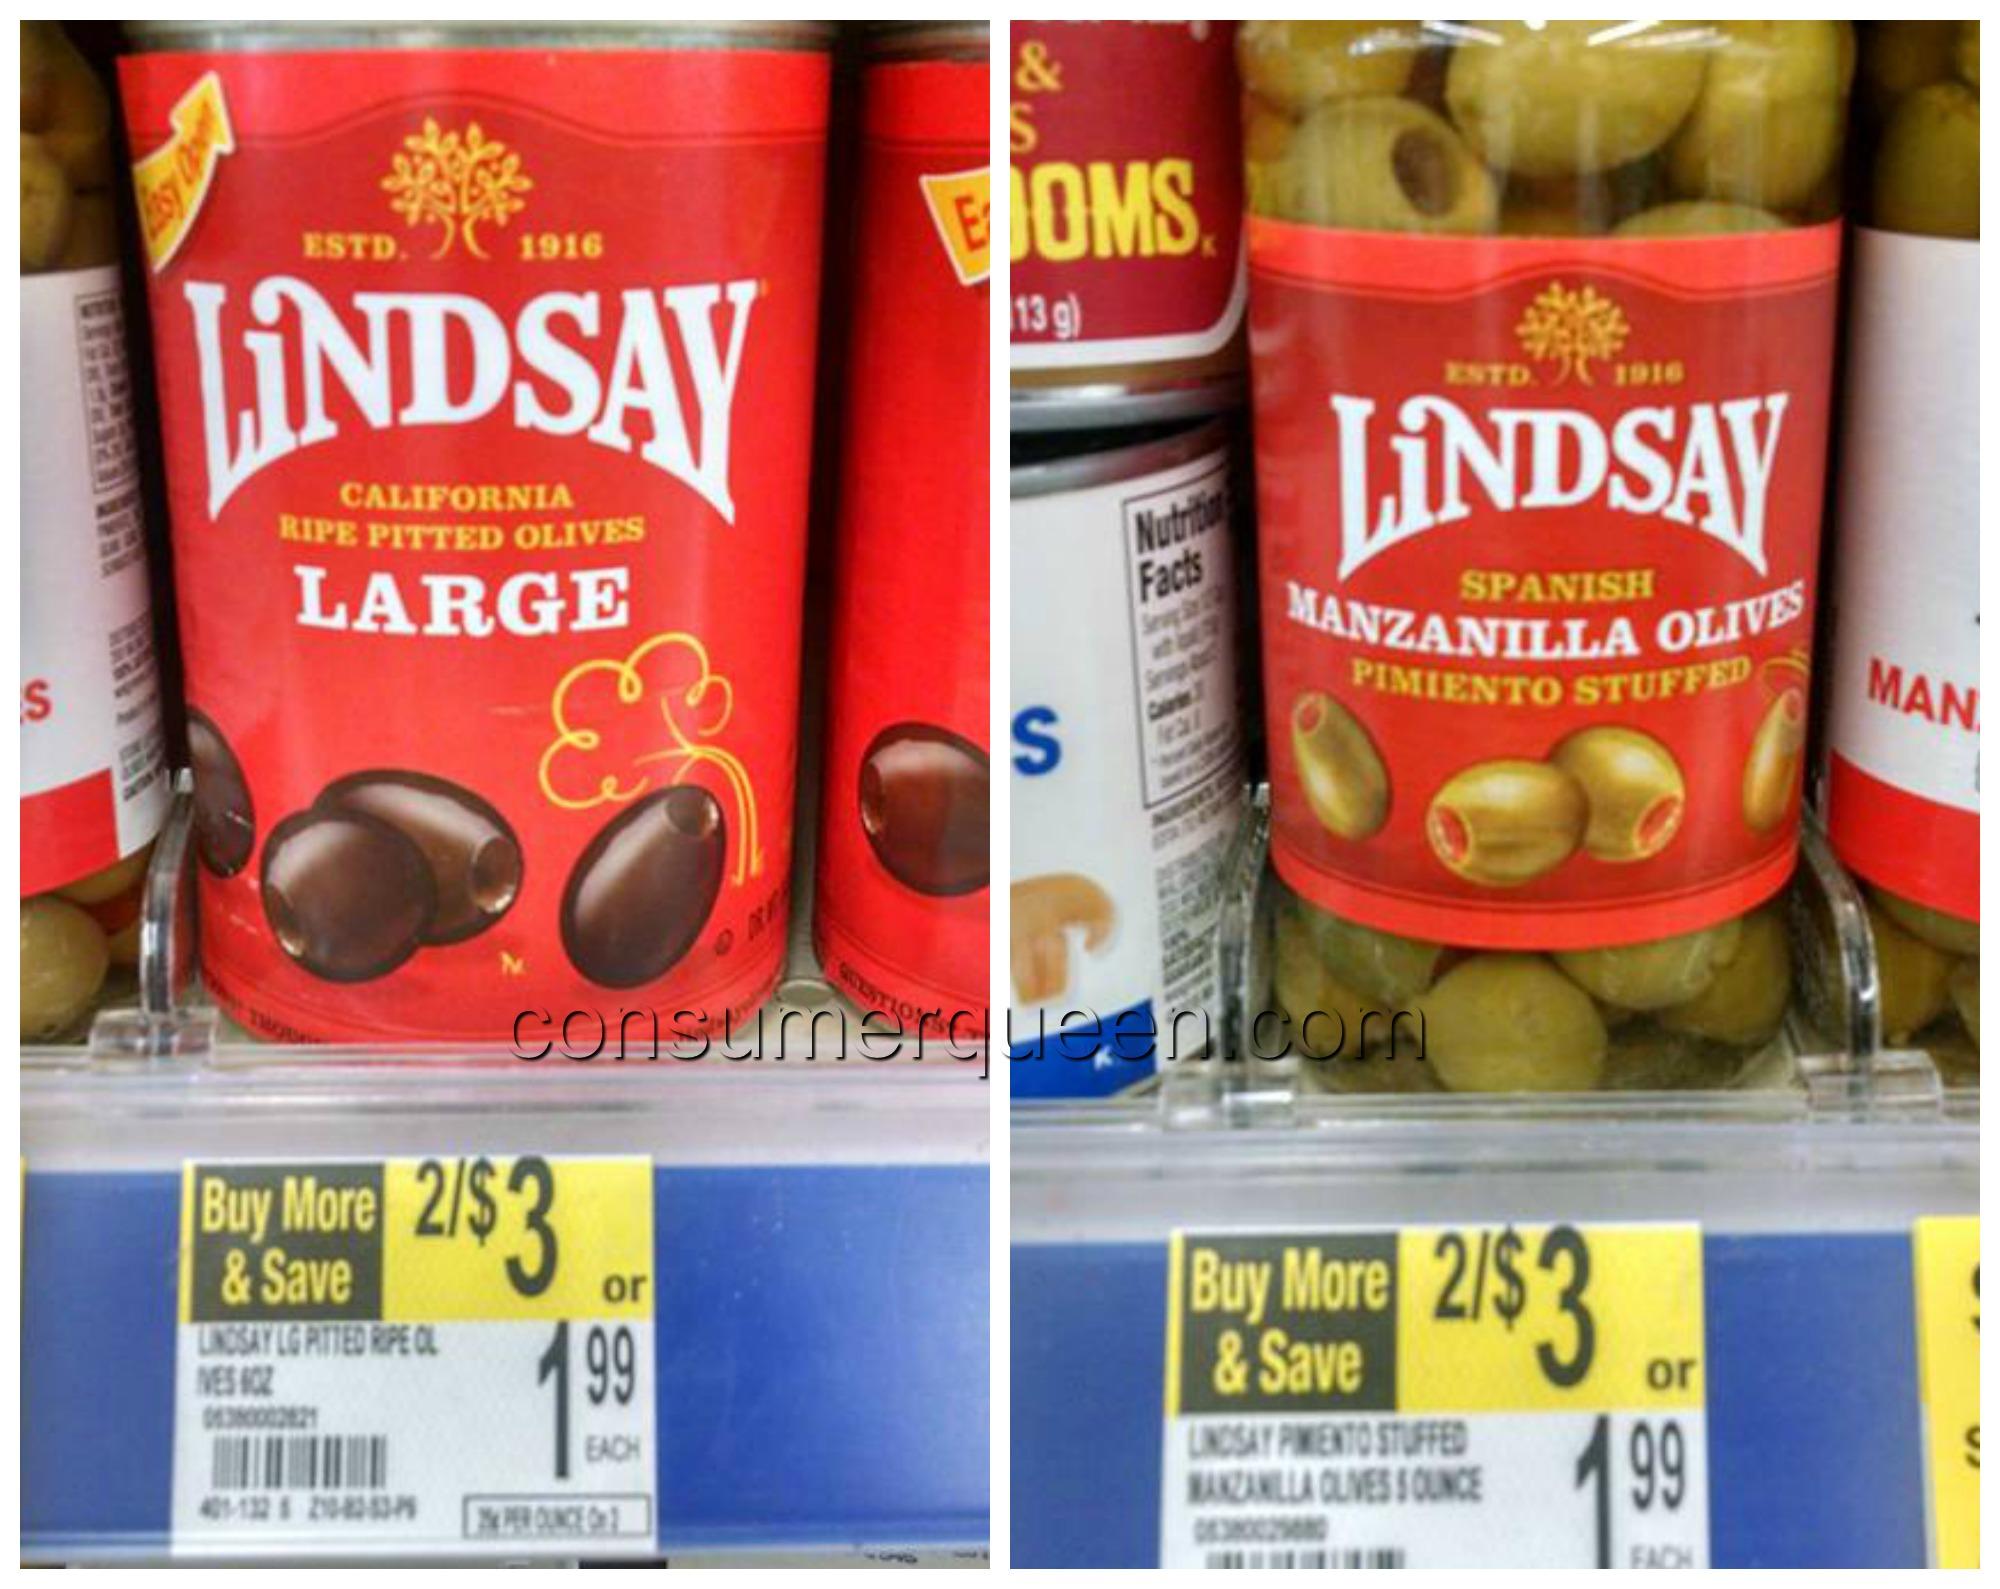 Lindsay Olives 37¢ at Walgreens